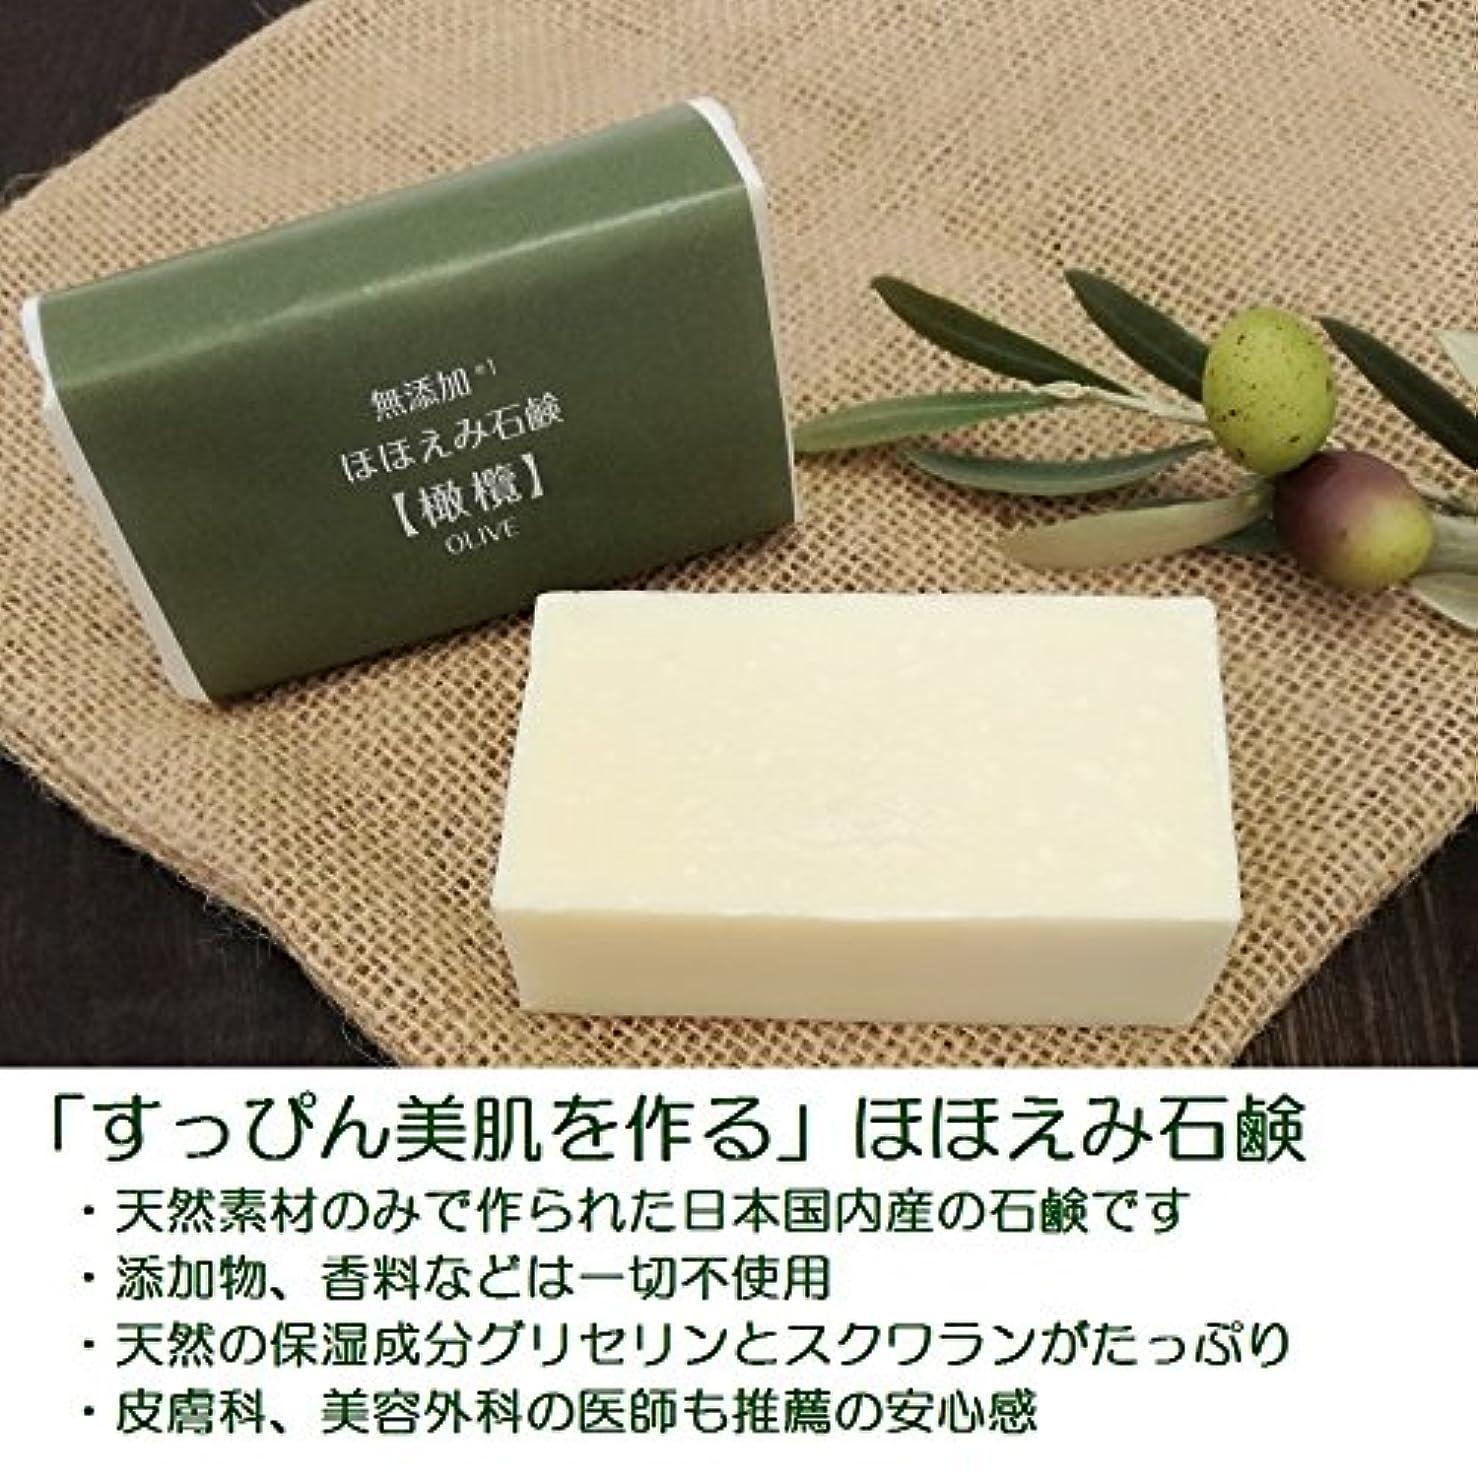 じゃない確認海すっぴん美肌を作る ほほえみ石鹸 オリーブ 無添加 オーガニック 日本製 80g